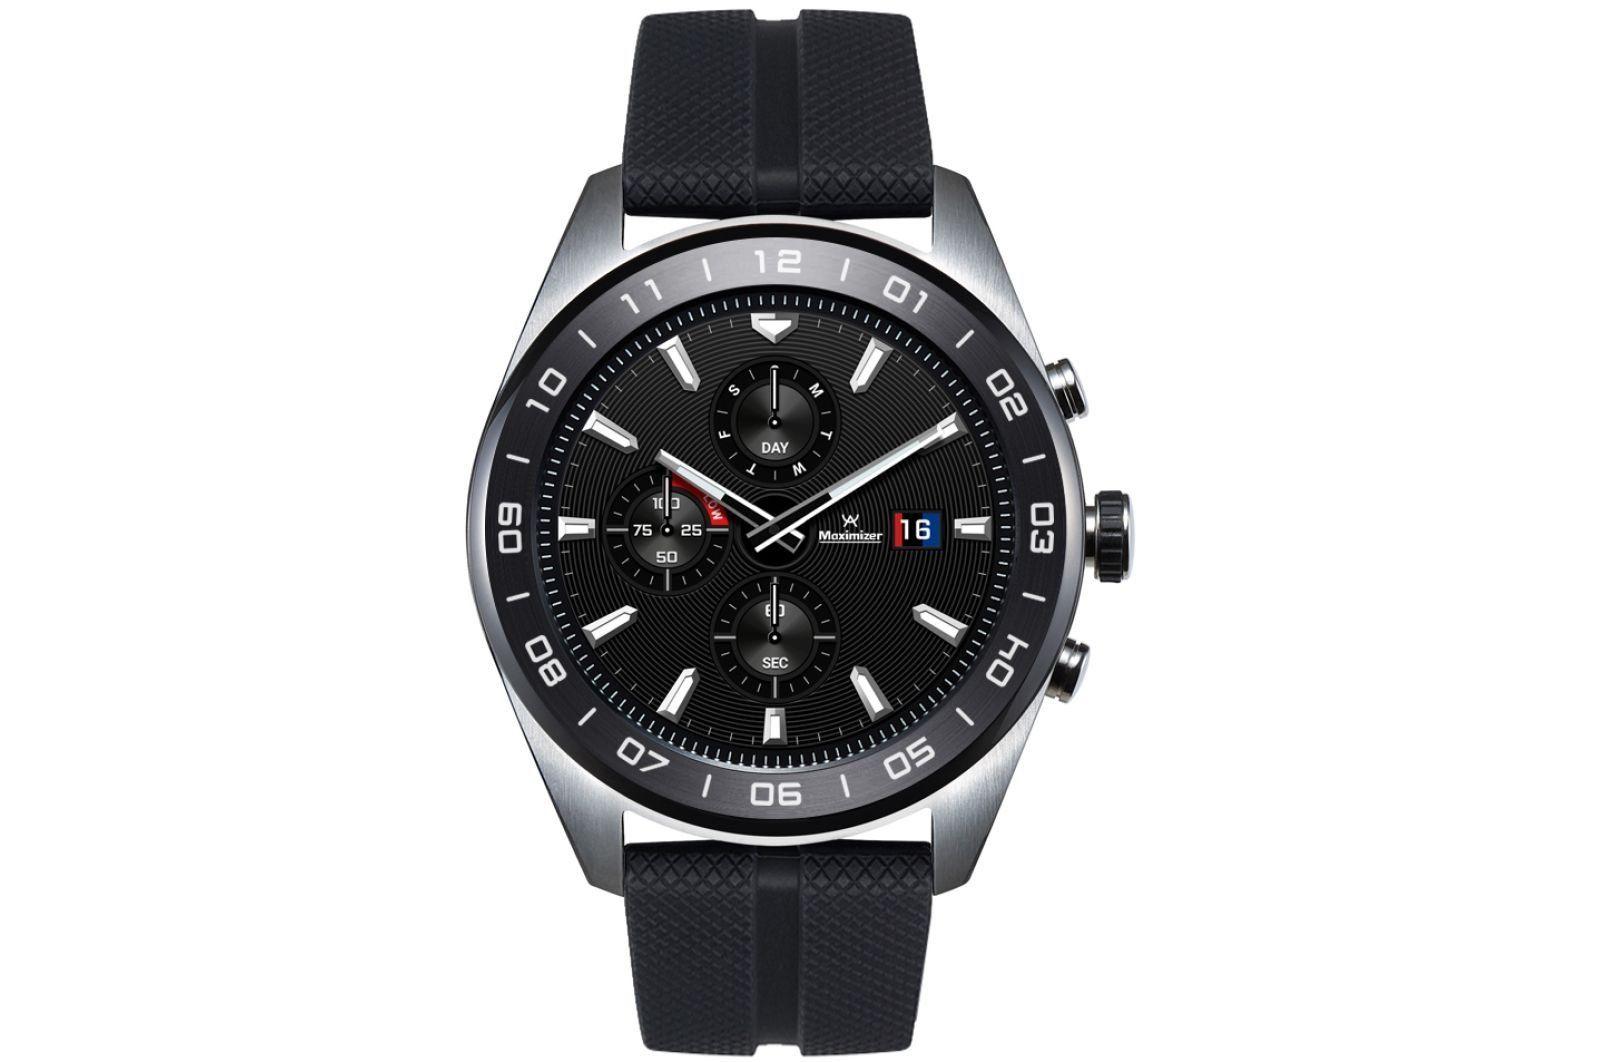 Умные часы LG Watch W7 — достоинства и недостатки